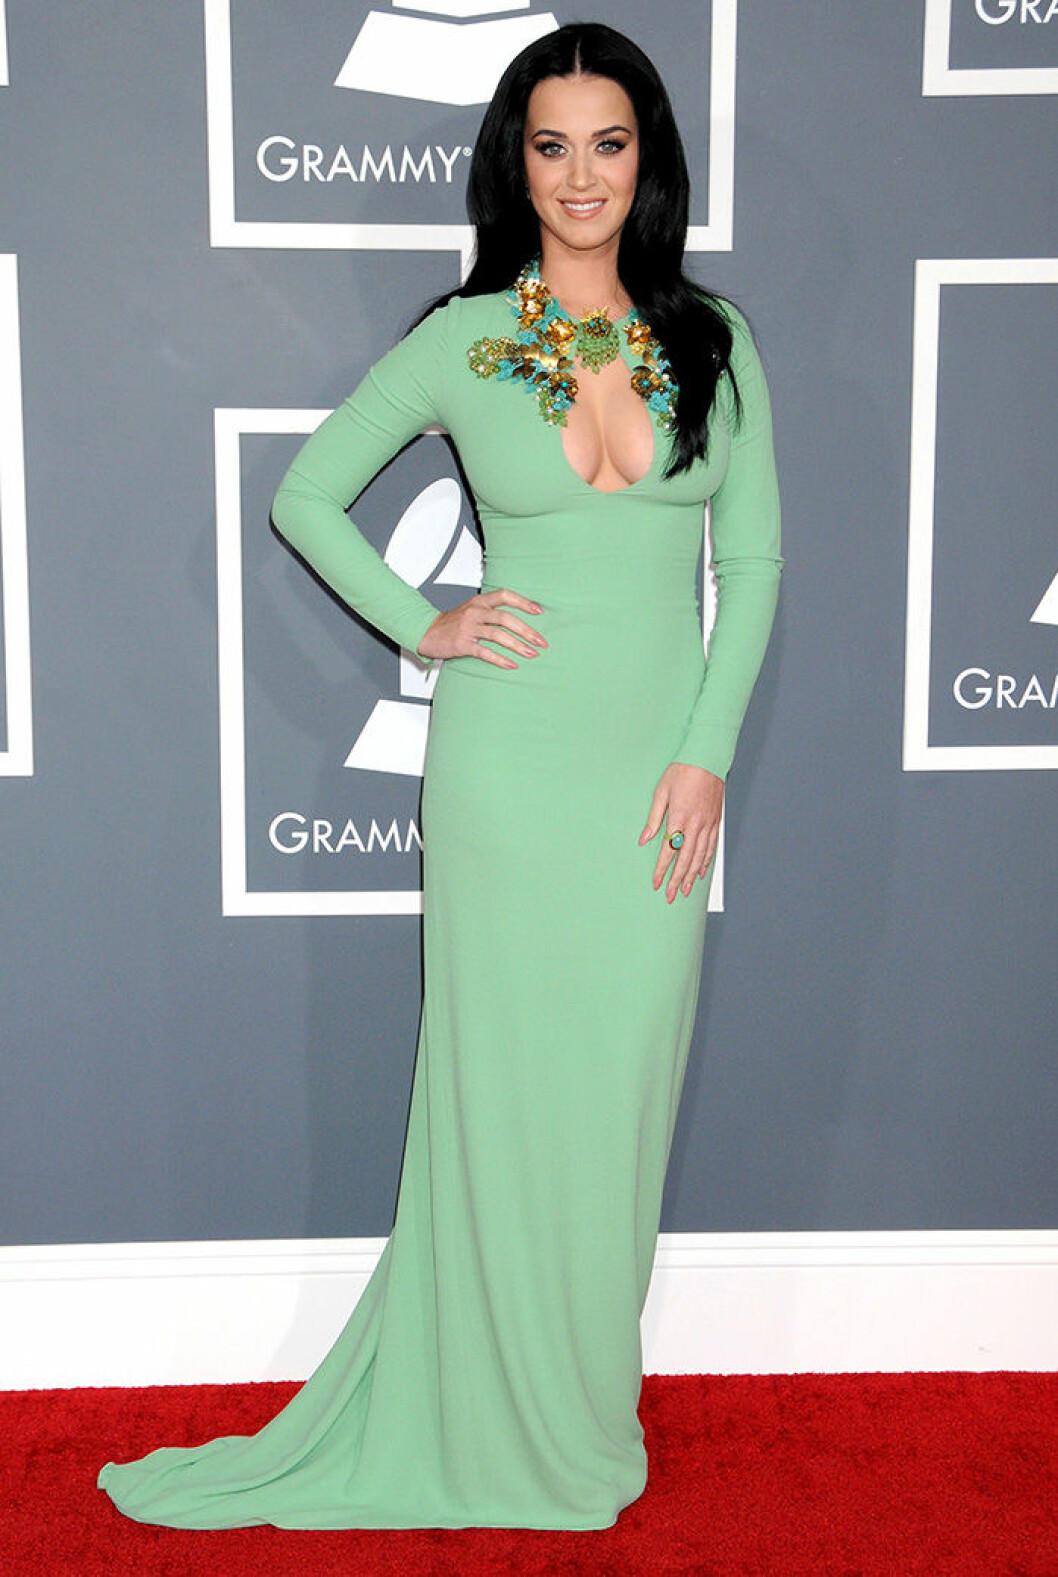 En bild på sångerskan Katy Perry under Grammy Awards 2013.